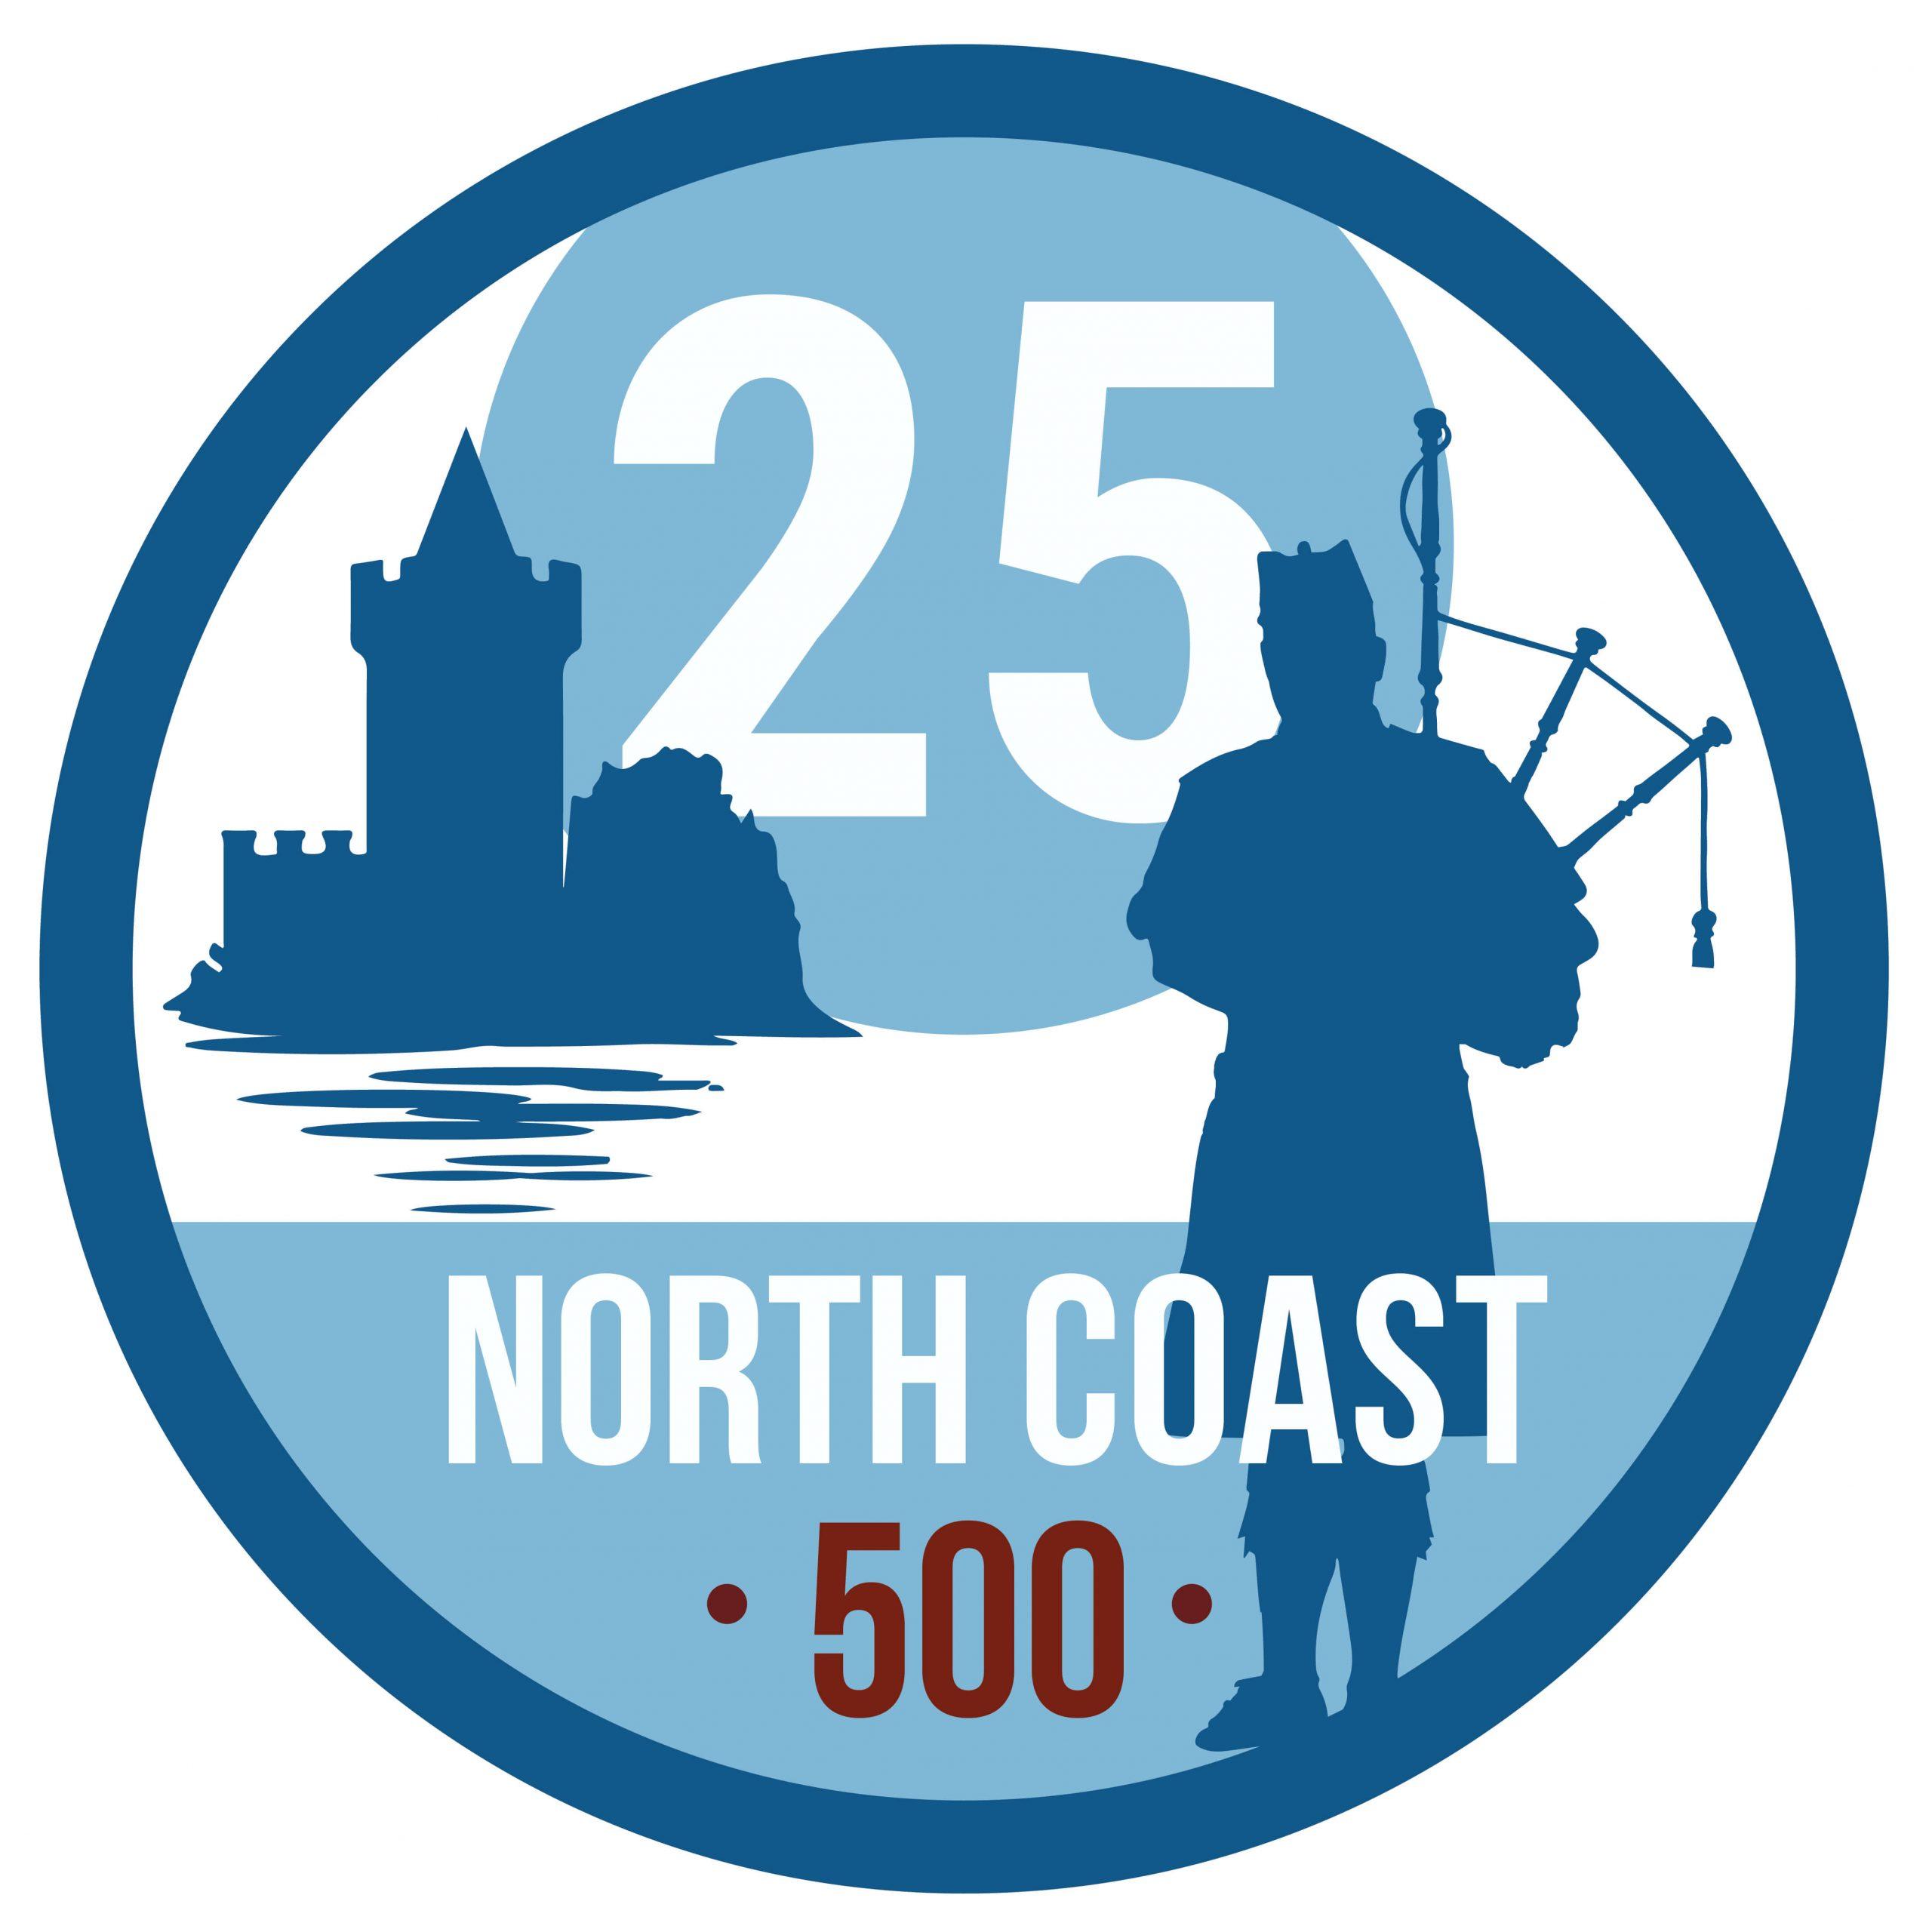 Northcoast 500